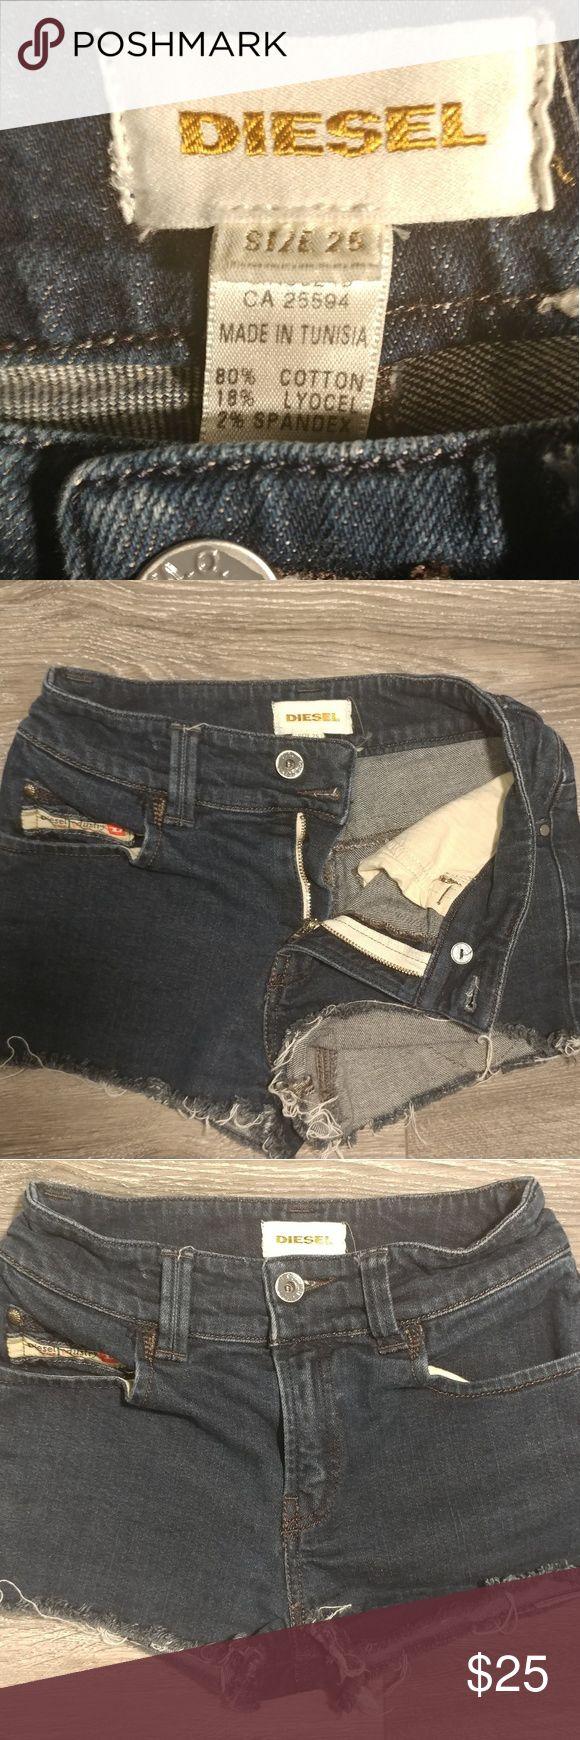 Diesel womens shorts Diesel women's distressed denim shorts. Size 25. Dark blue. Diesel Shorts Jean Shorts